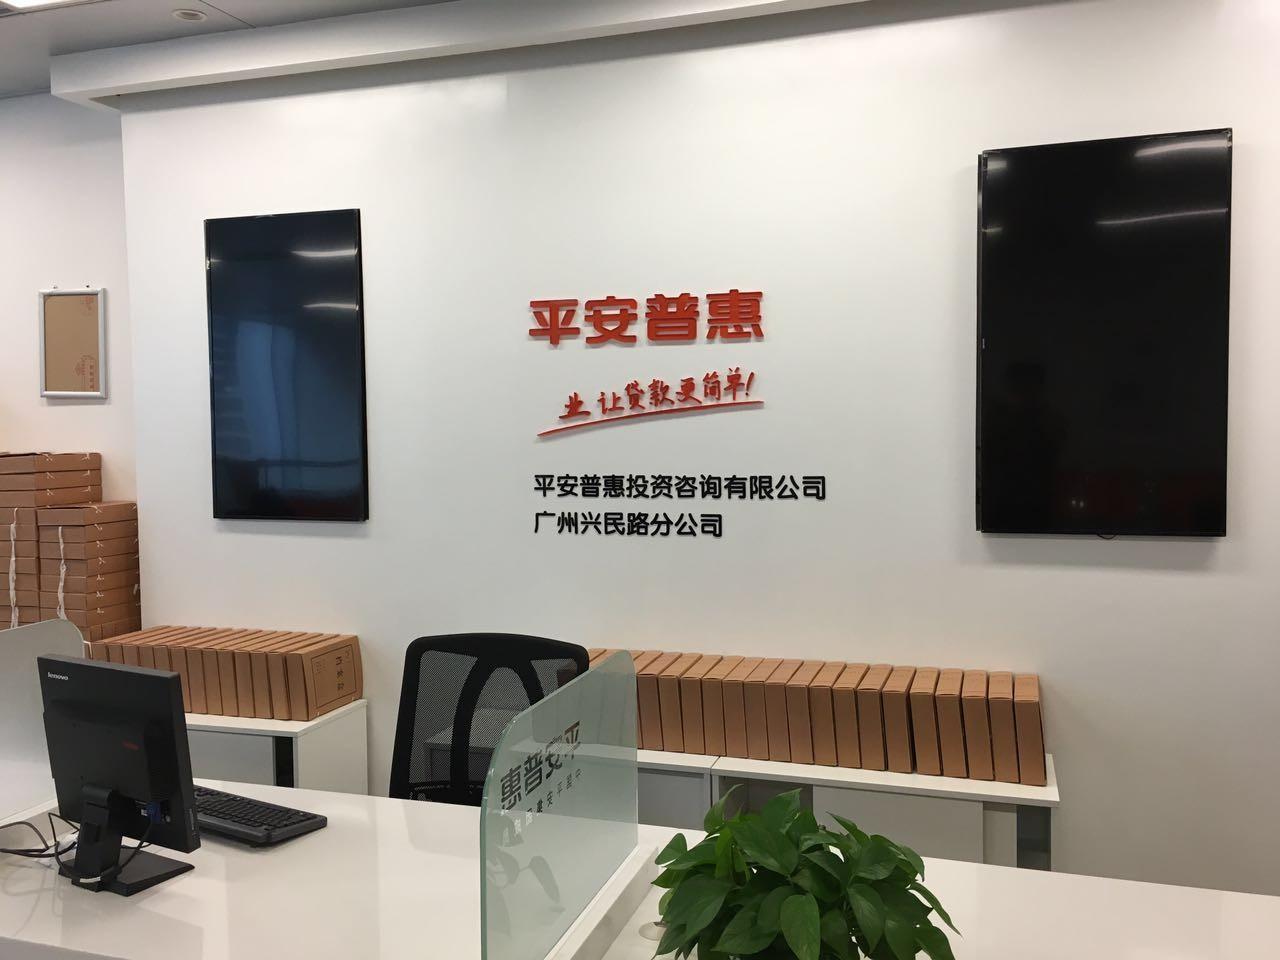 平安普惠)宣布,公司组织架构与业务模式的整合已经